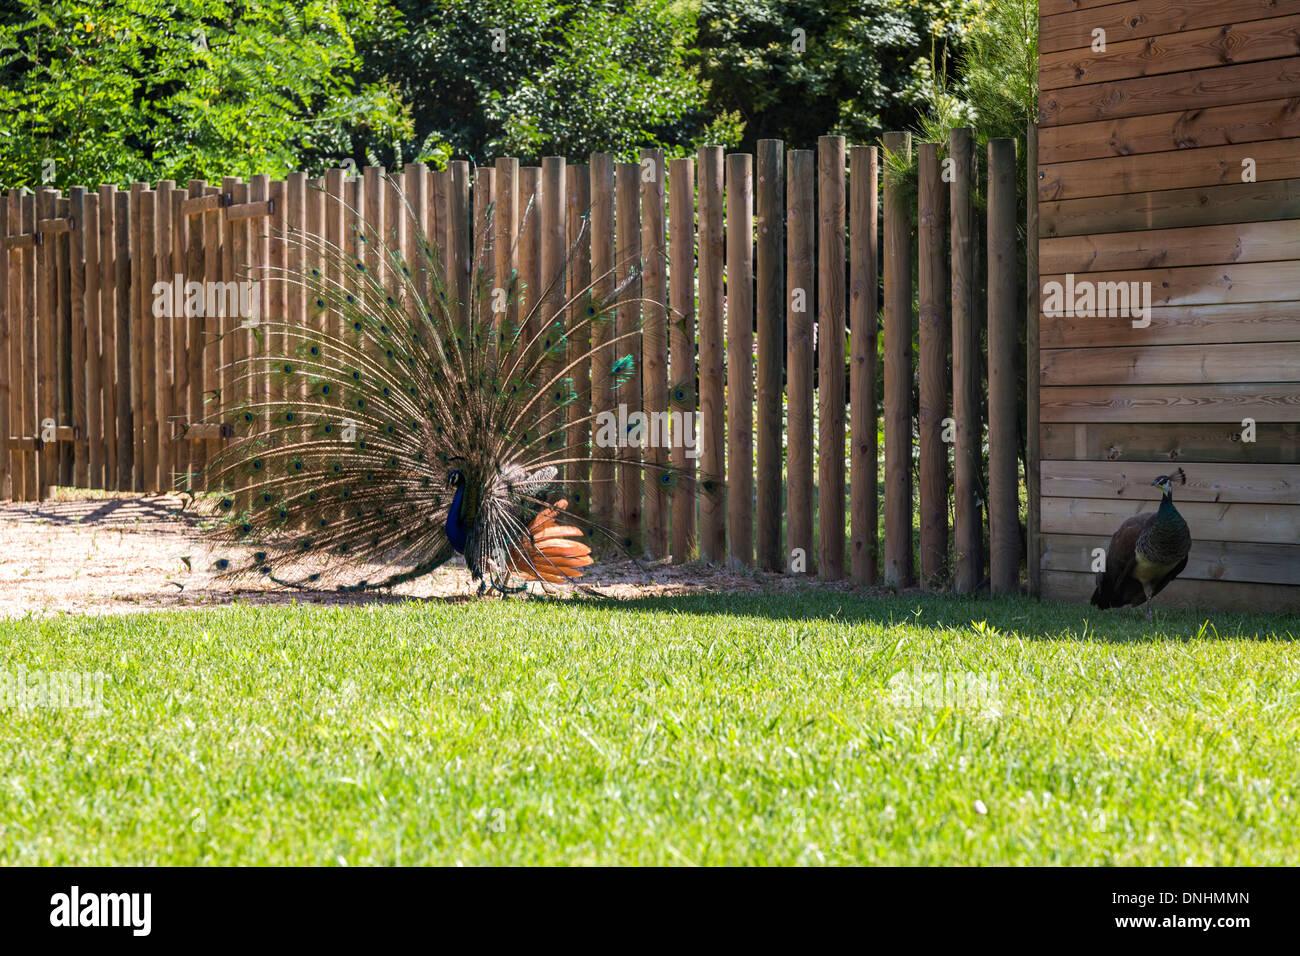 Paons Indiens de sexe masculin (Pavo cristatus) affichage plumage, le Zoo de Barcelone, Barcelone, Catalogne, Espagne Banque D'Images